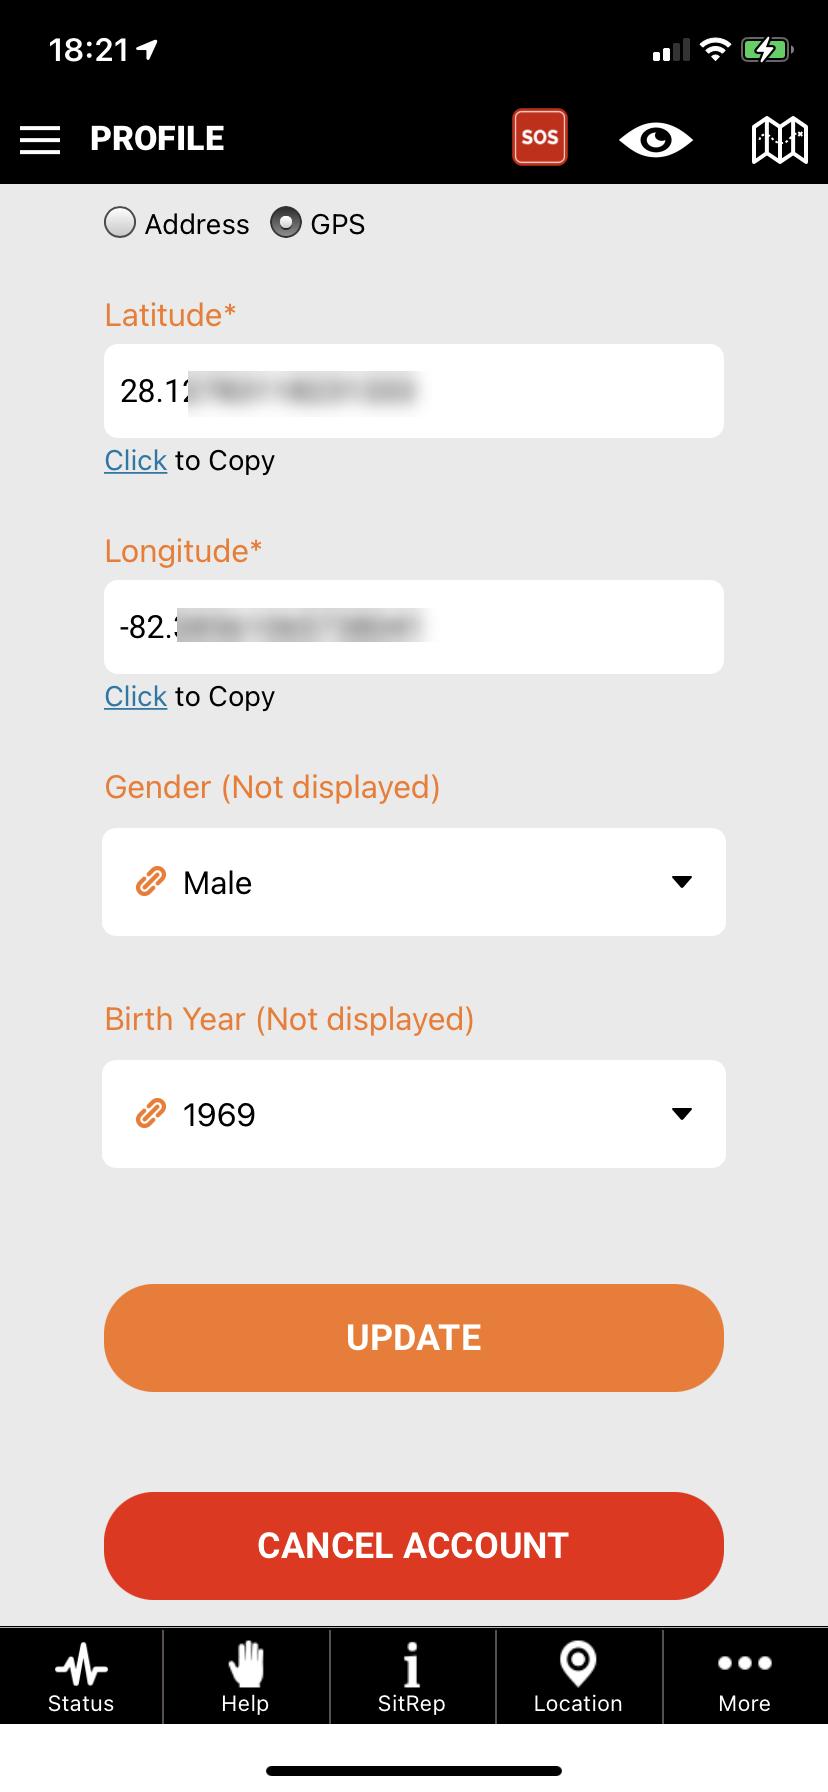 pubsafe citizen user profile